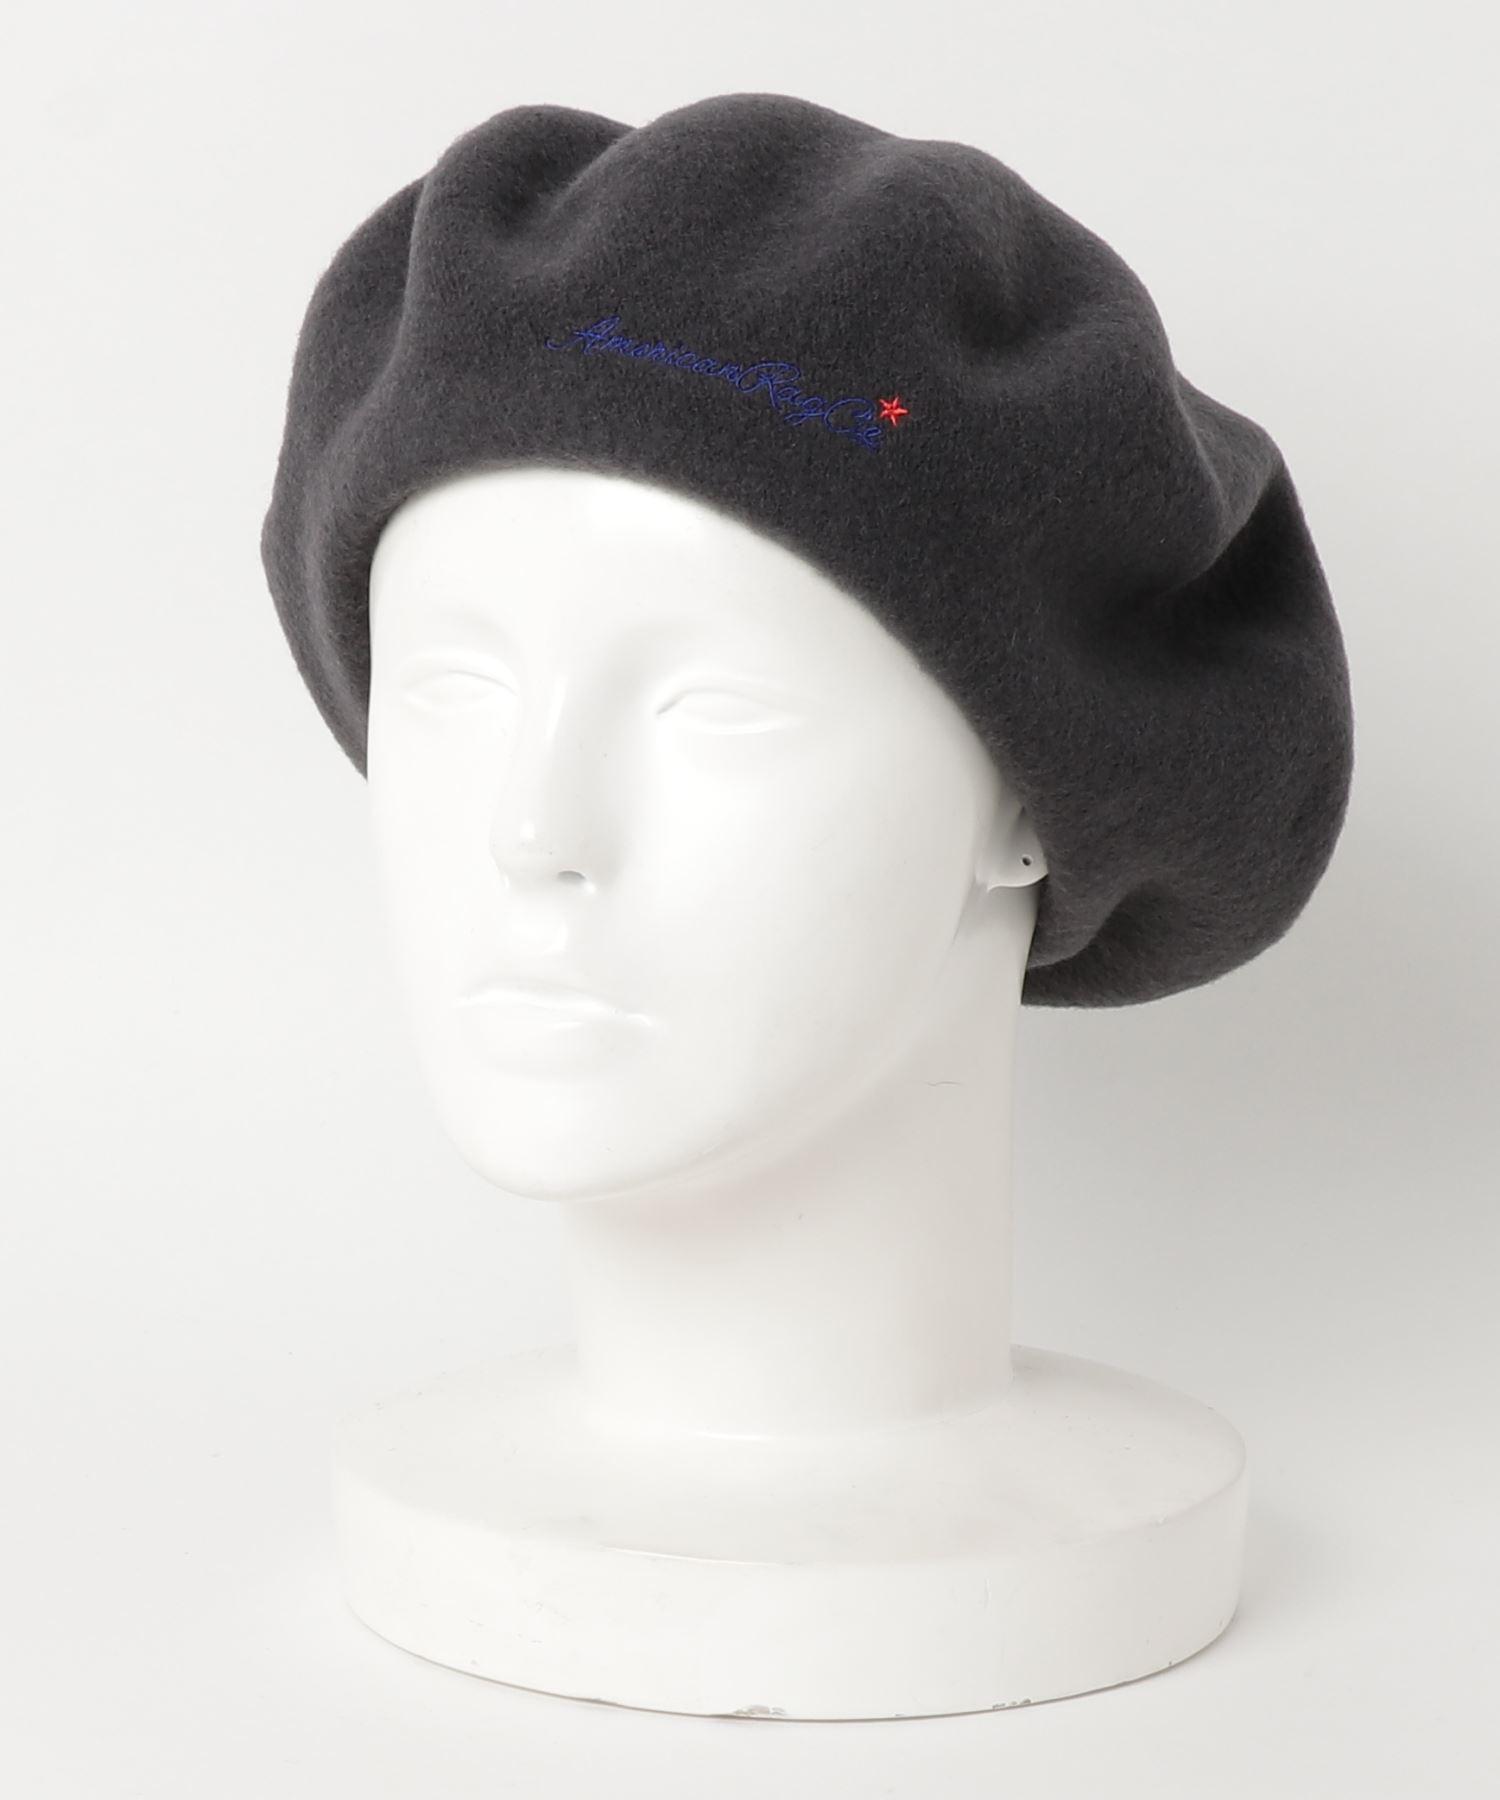 アメリカンラグシー AMERICAN RAG CIE / ARCスクリプトロゴエンブロイダリーウールベレー ARC Script Logo Embroidery Wool Beret